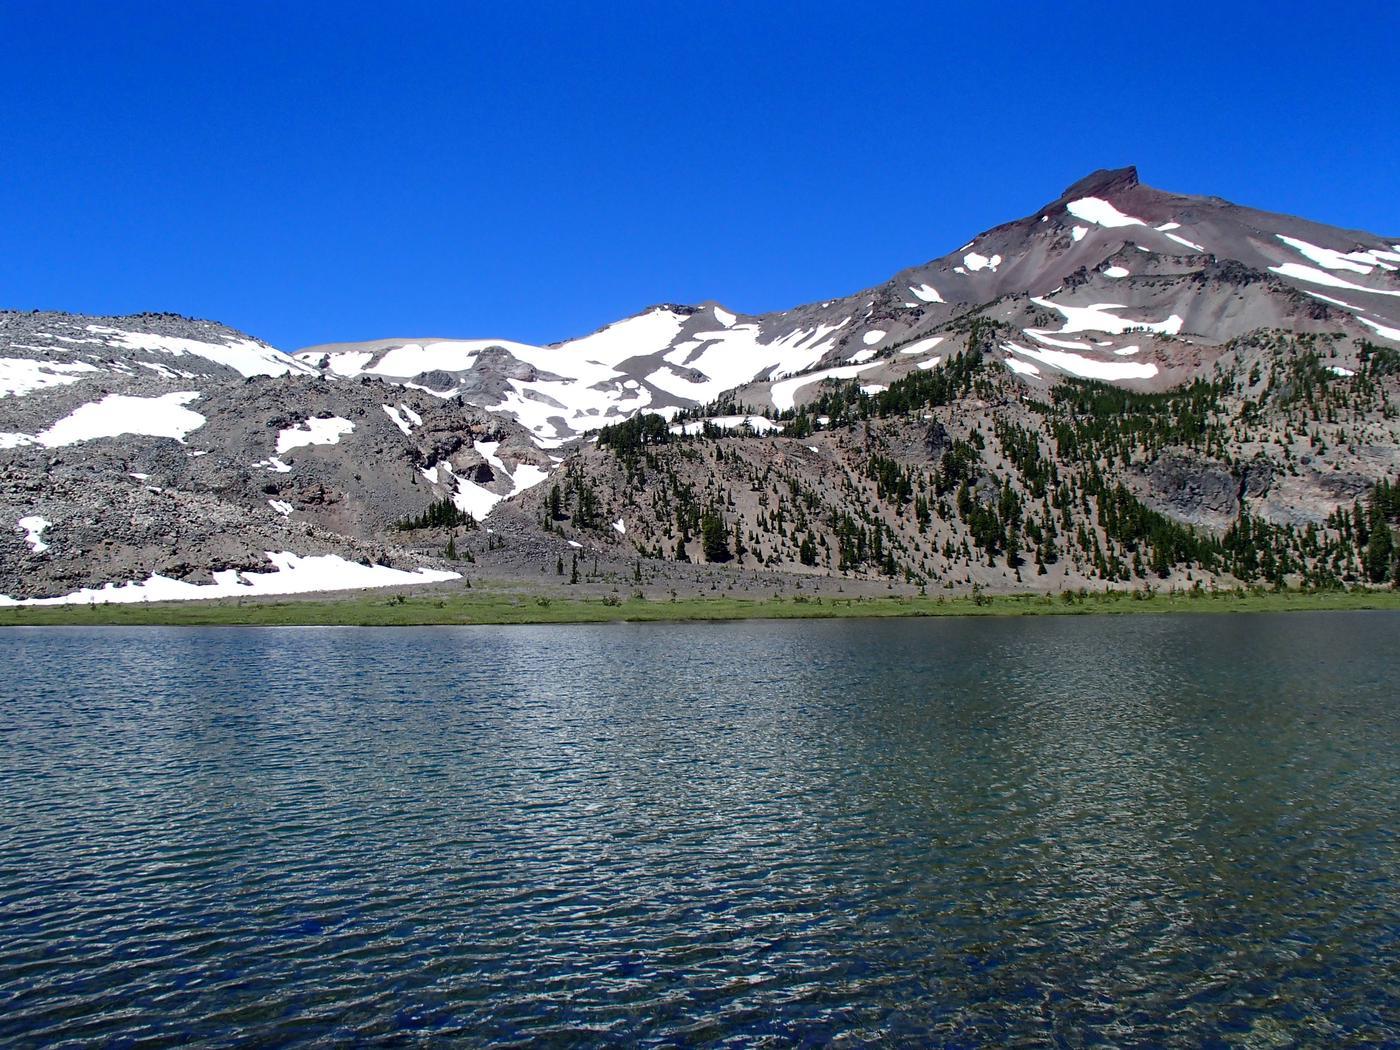 South Sister, Green Lakes, Broken Top, Fall Creek, Moraine Lake, Soda Creek, Golden LakeGreen Lakes